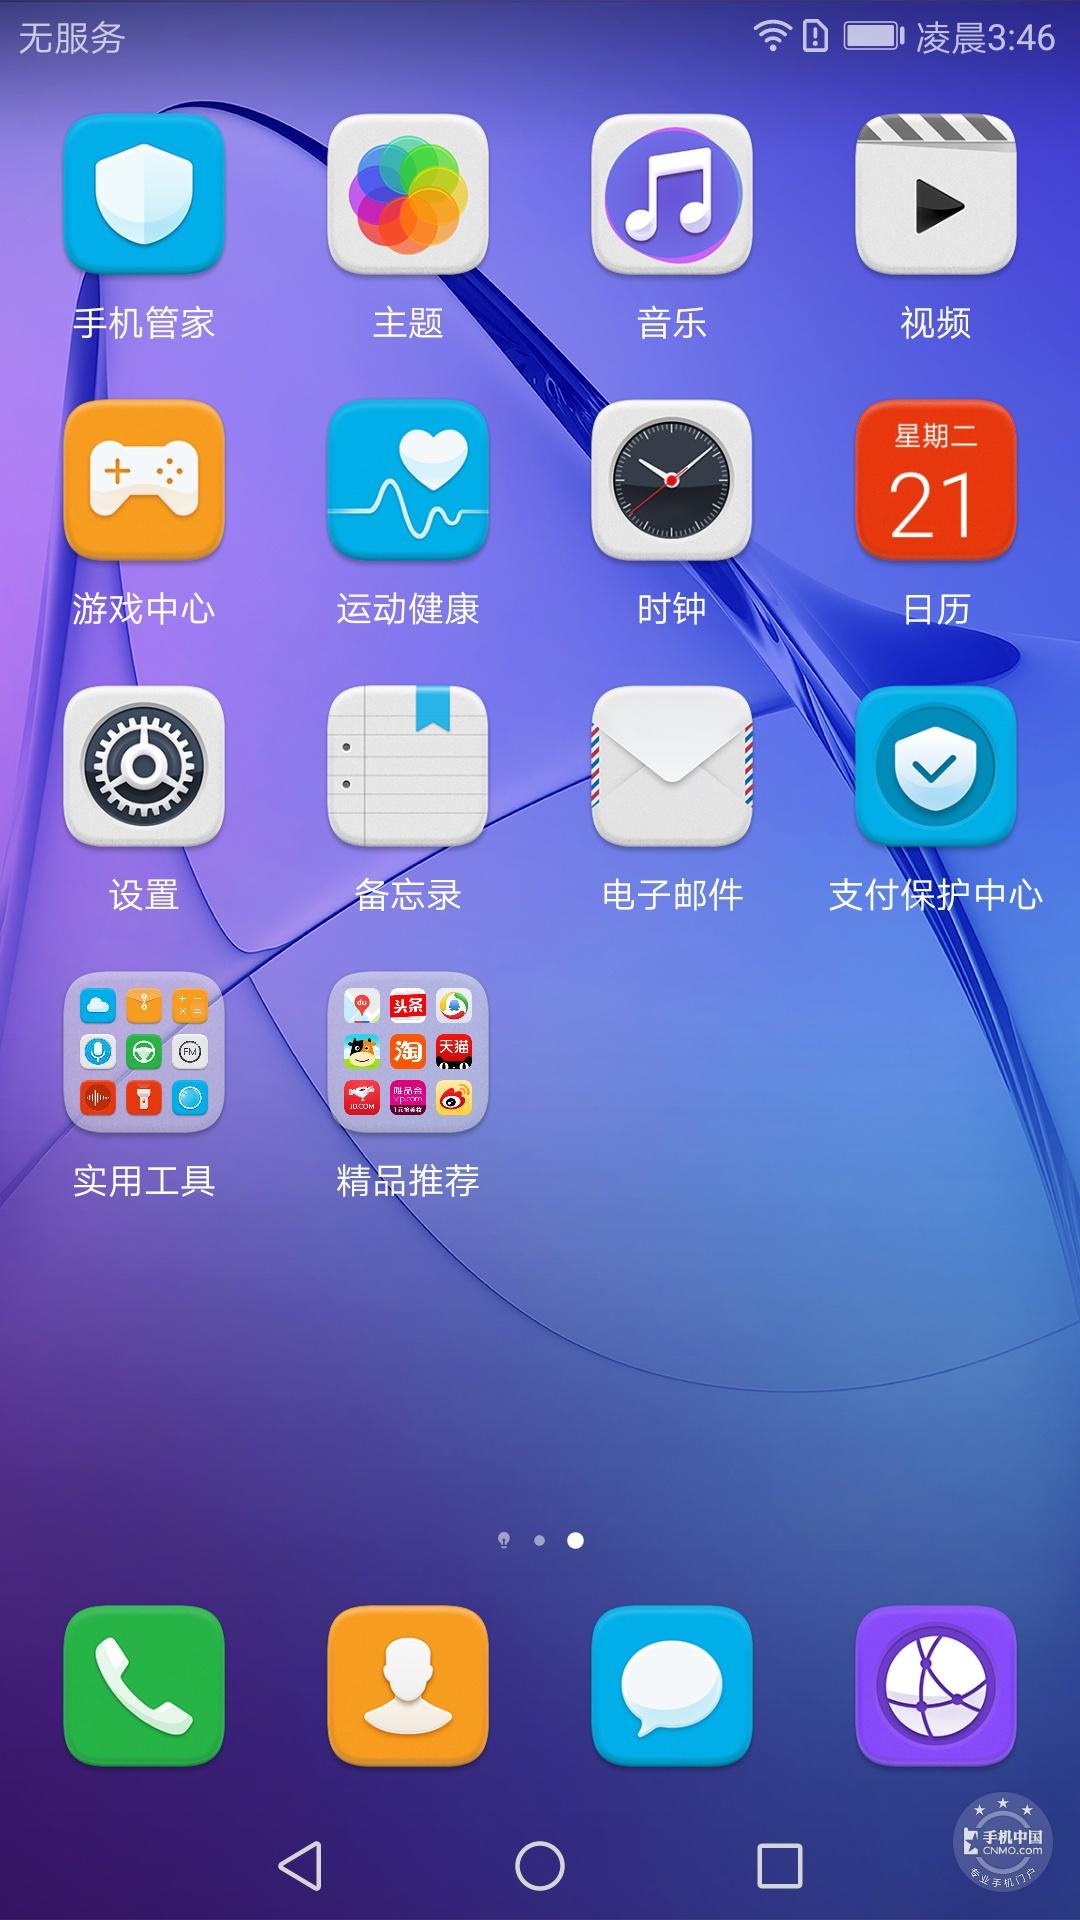 荣耀8青春版(尊享版)手机功能界面第7张